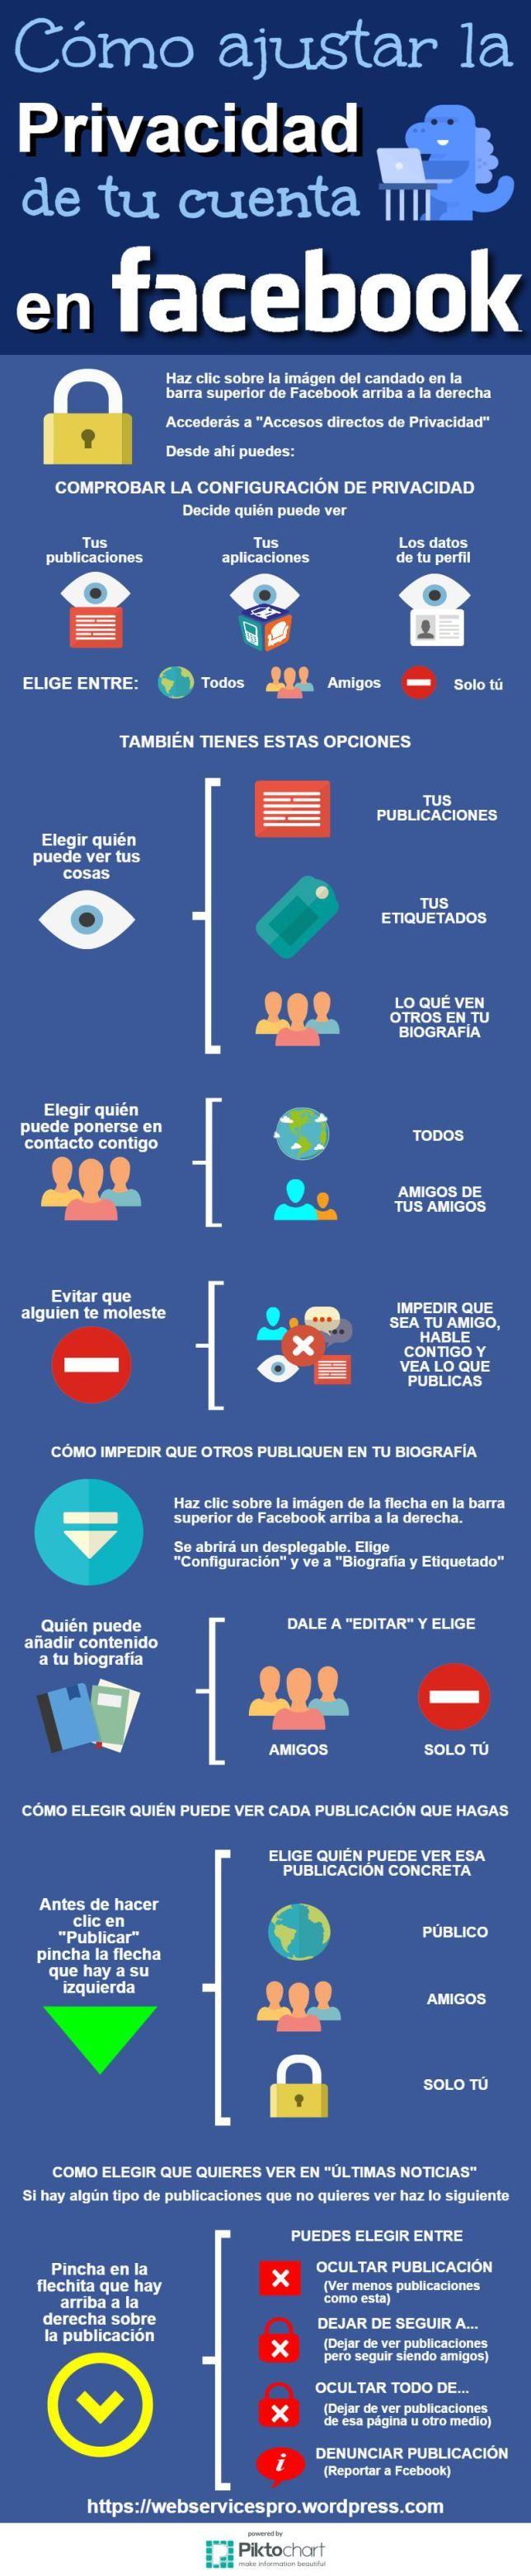 Cómo ajustar la privacidad de tu cuenta en Facebook #infografía #infographic #Facebook